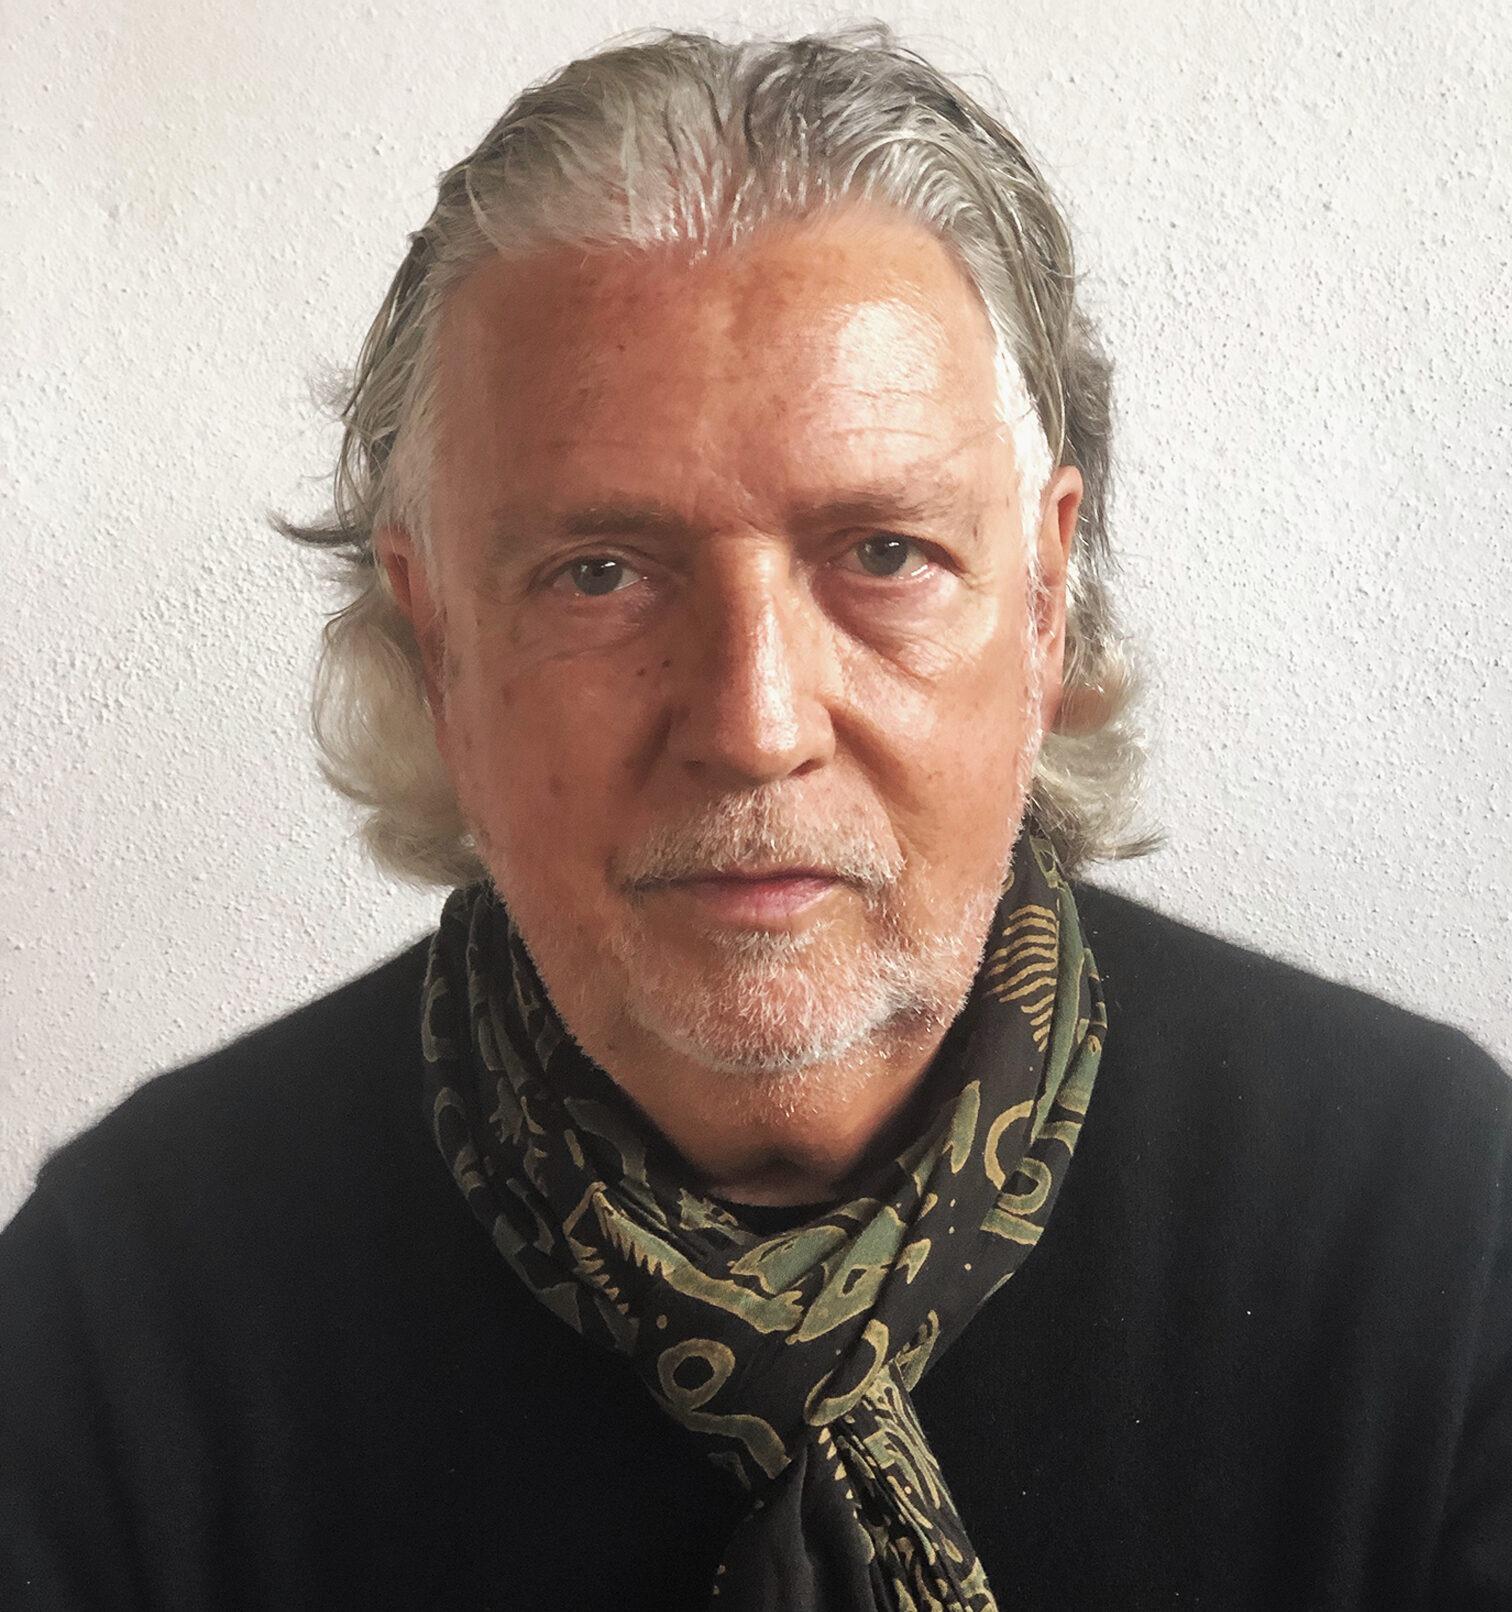 Herman Portocarero